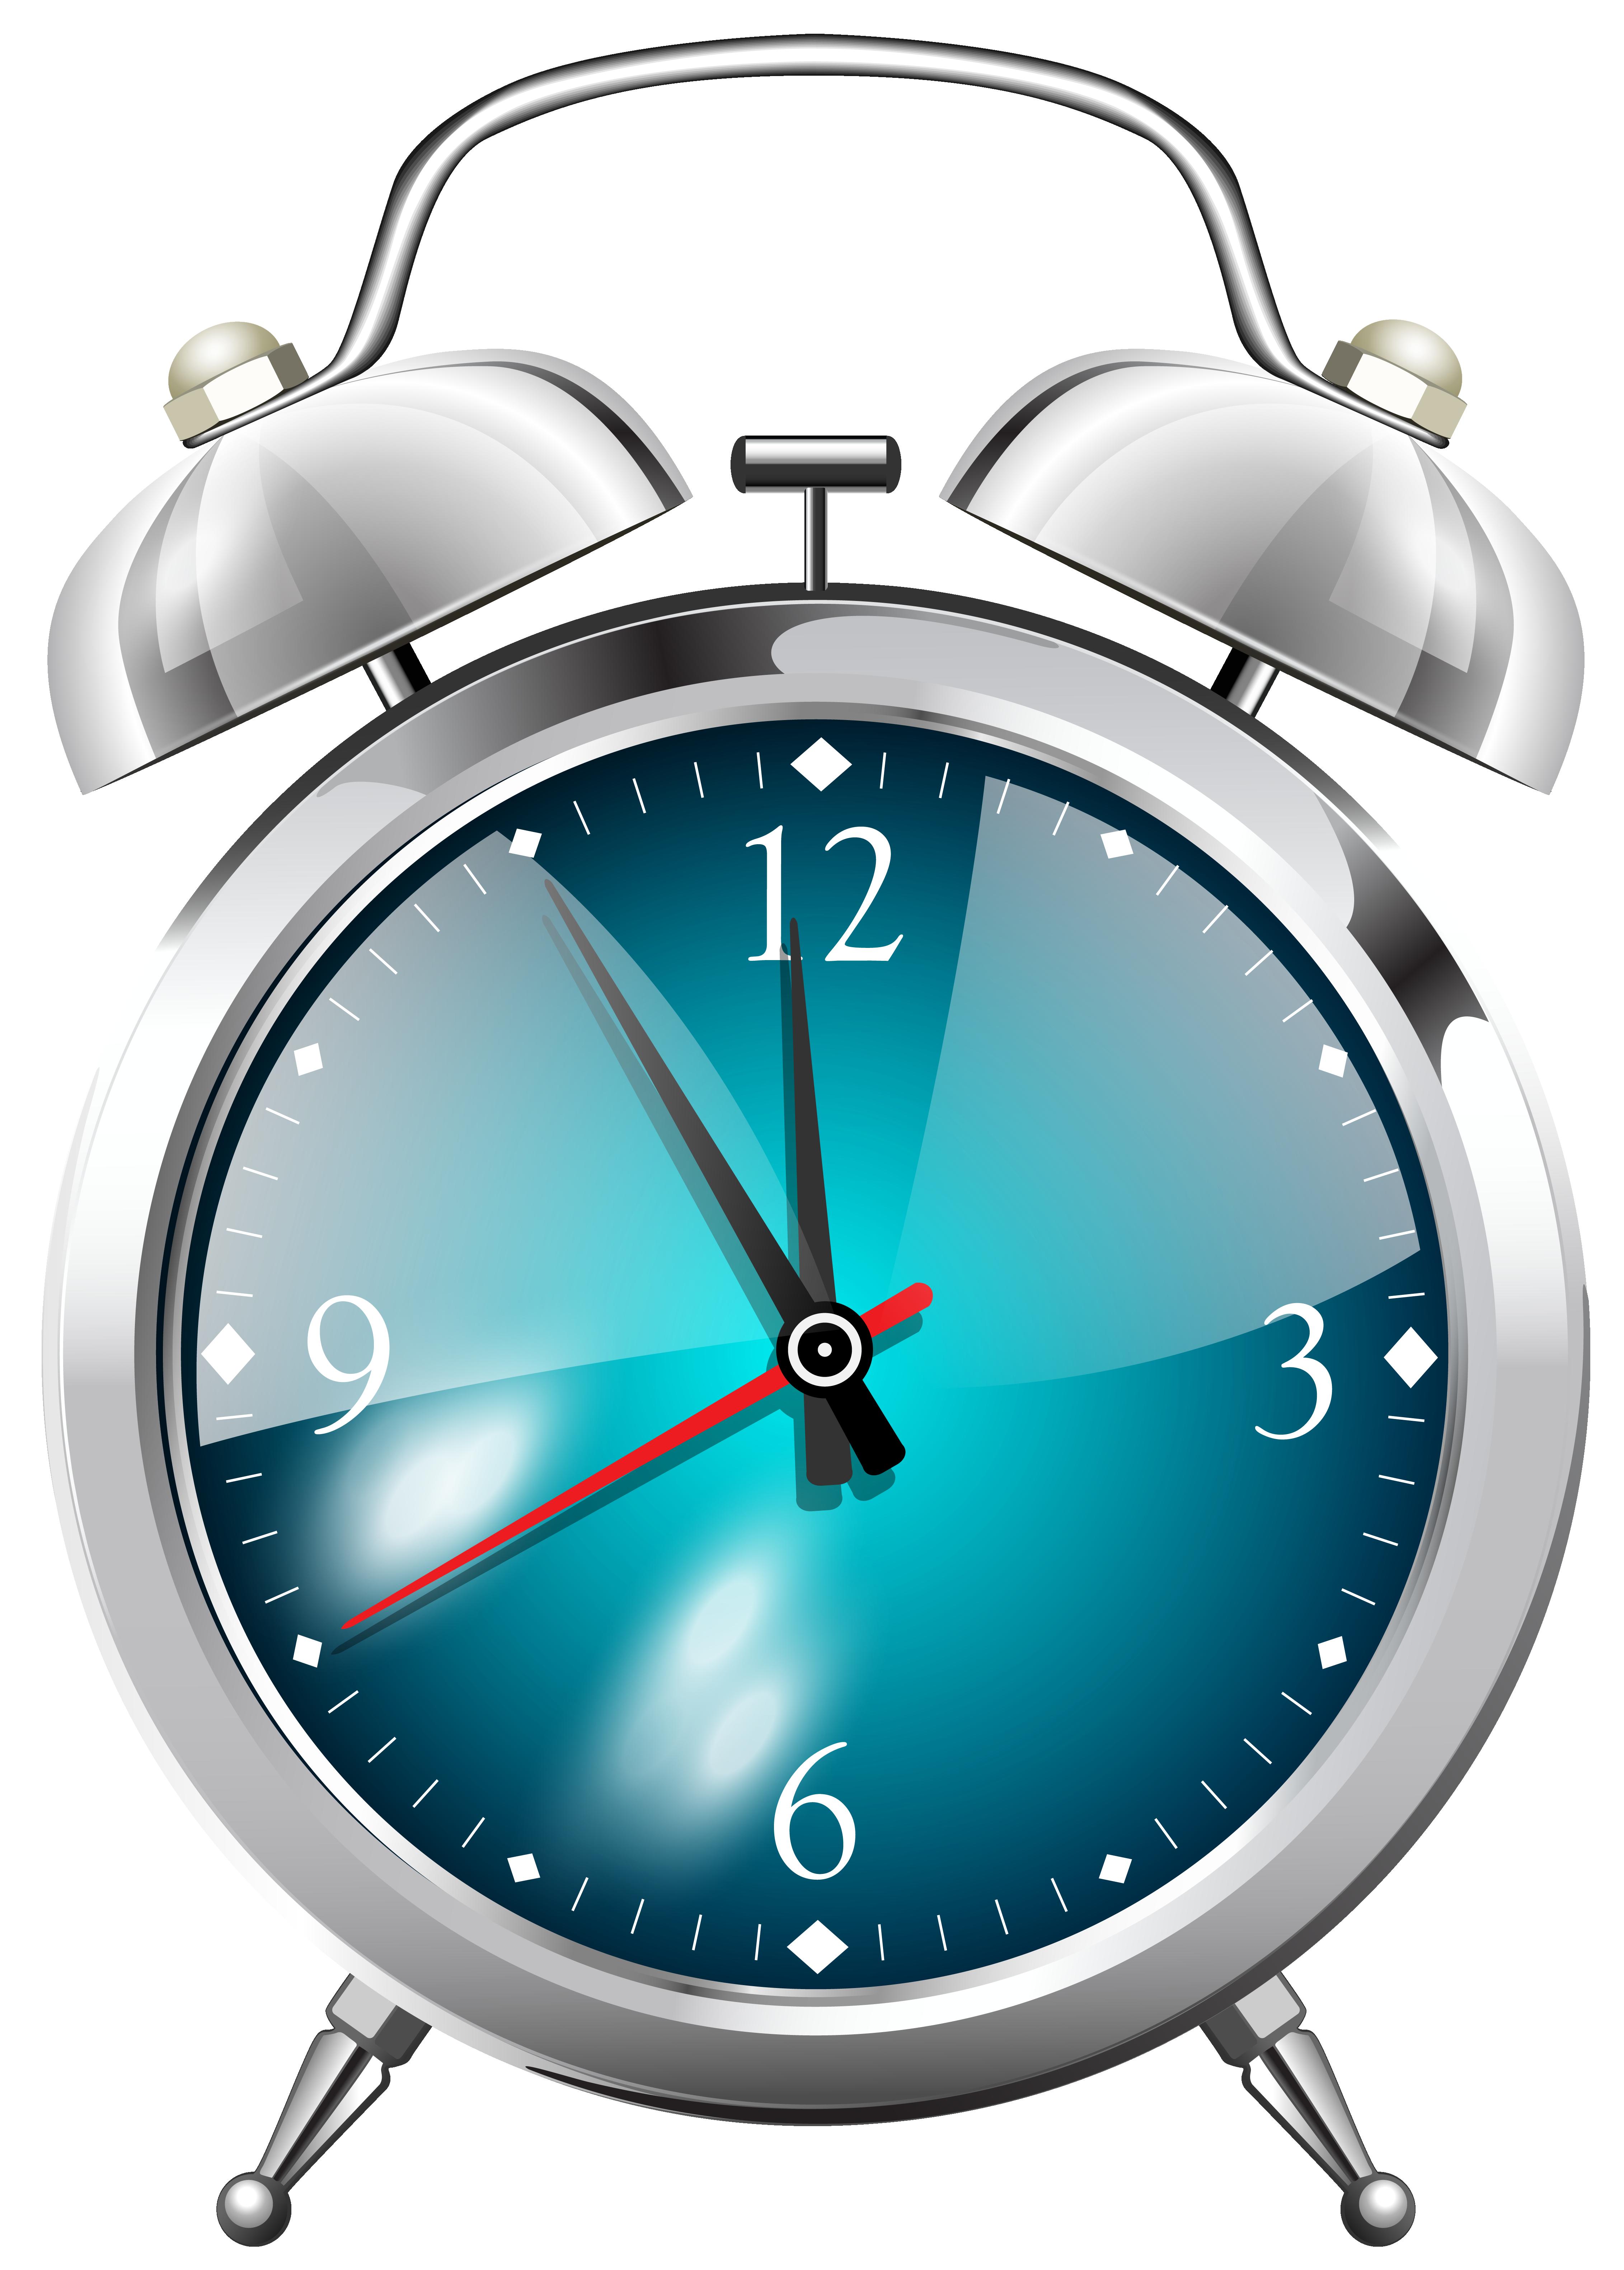 clip free stock Clocks clipart dog. Alarm clock png clip.